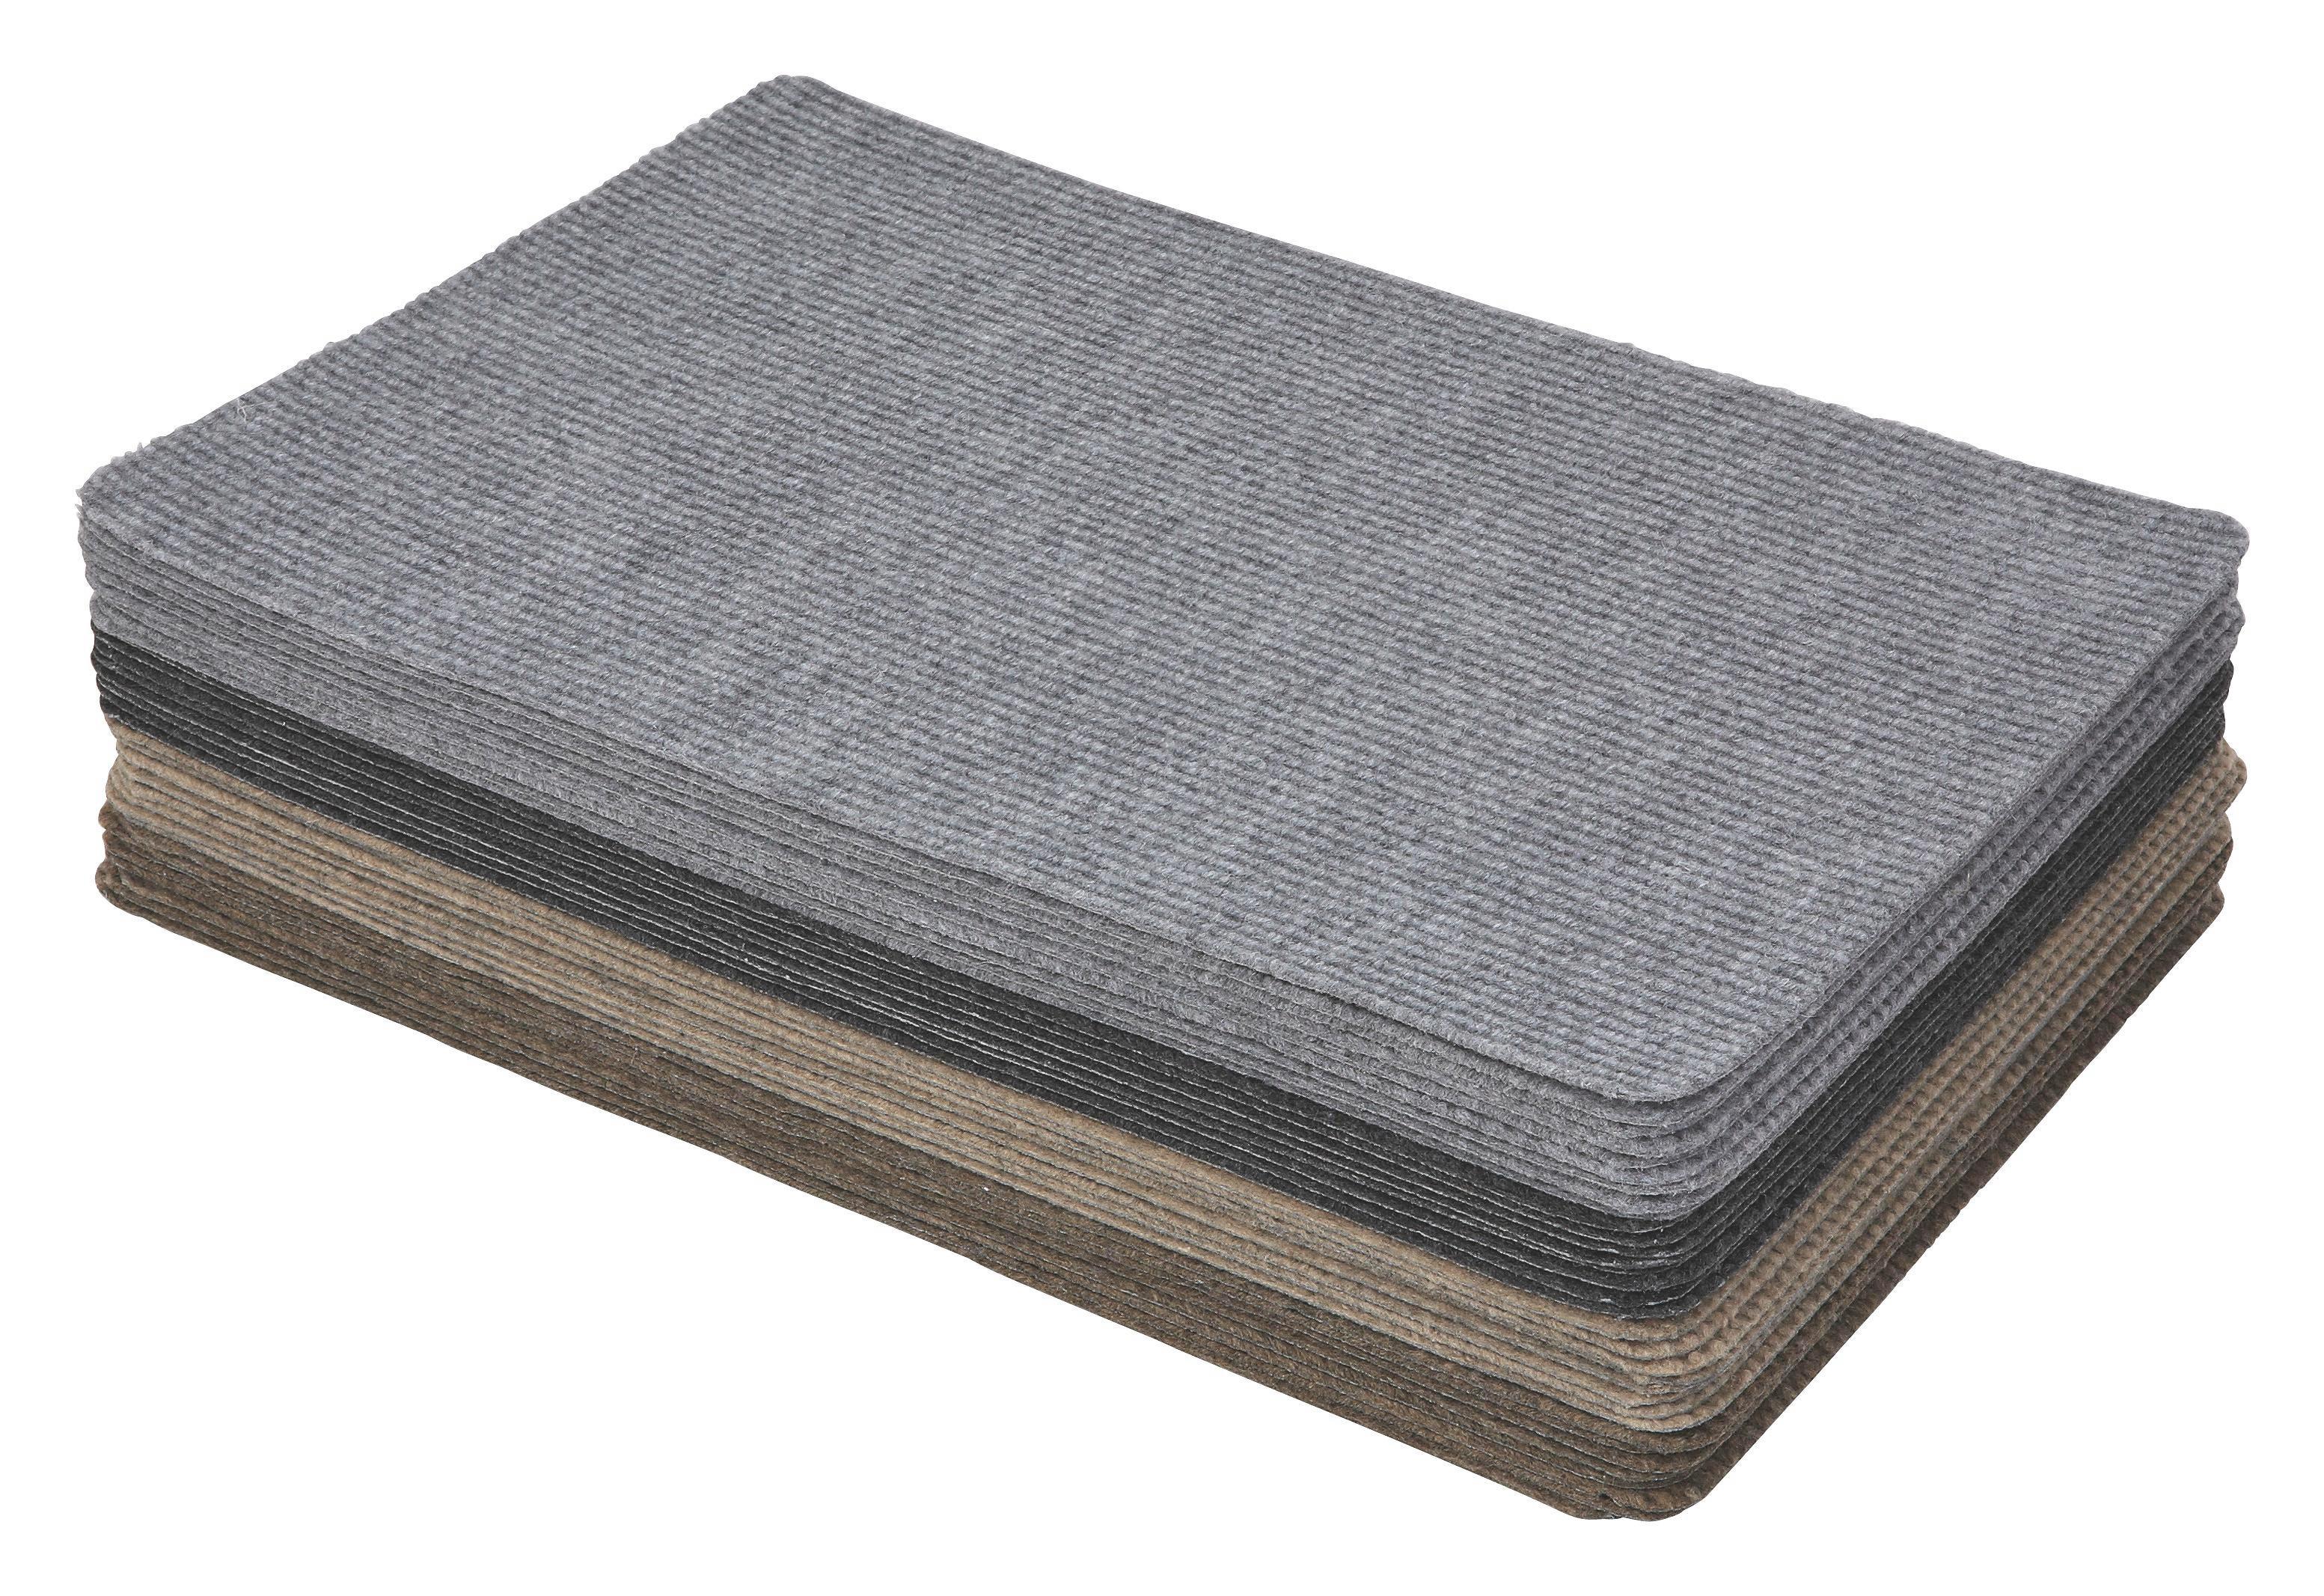 Lábtörlő Dm Ript50 Multi Eco *ph* - konvencionális, textil (40/60cm)